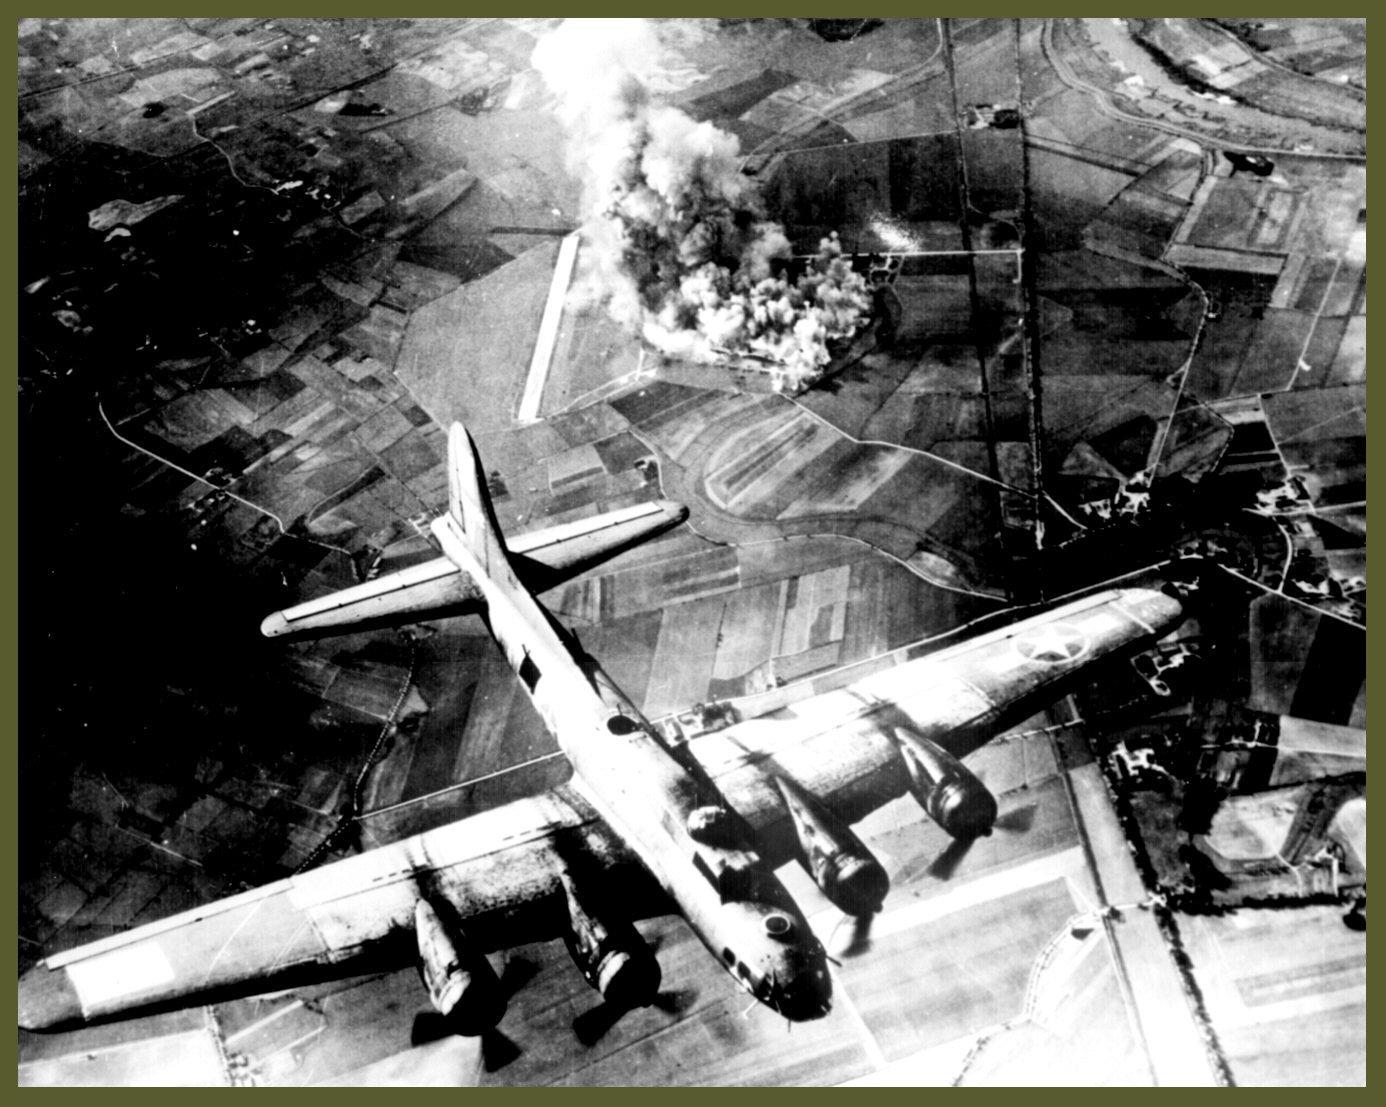 B17 Marienburg october 1943 bombing